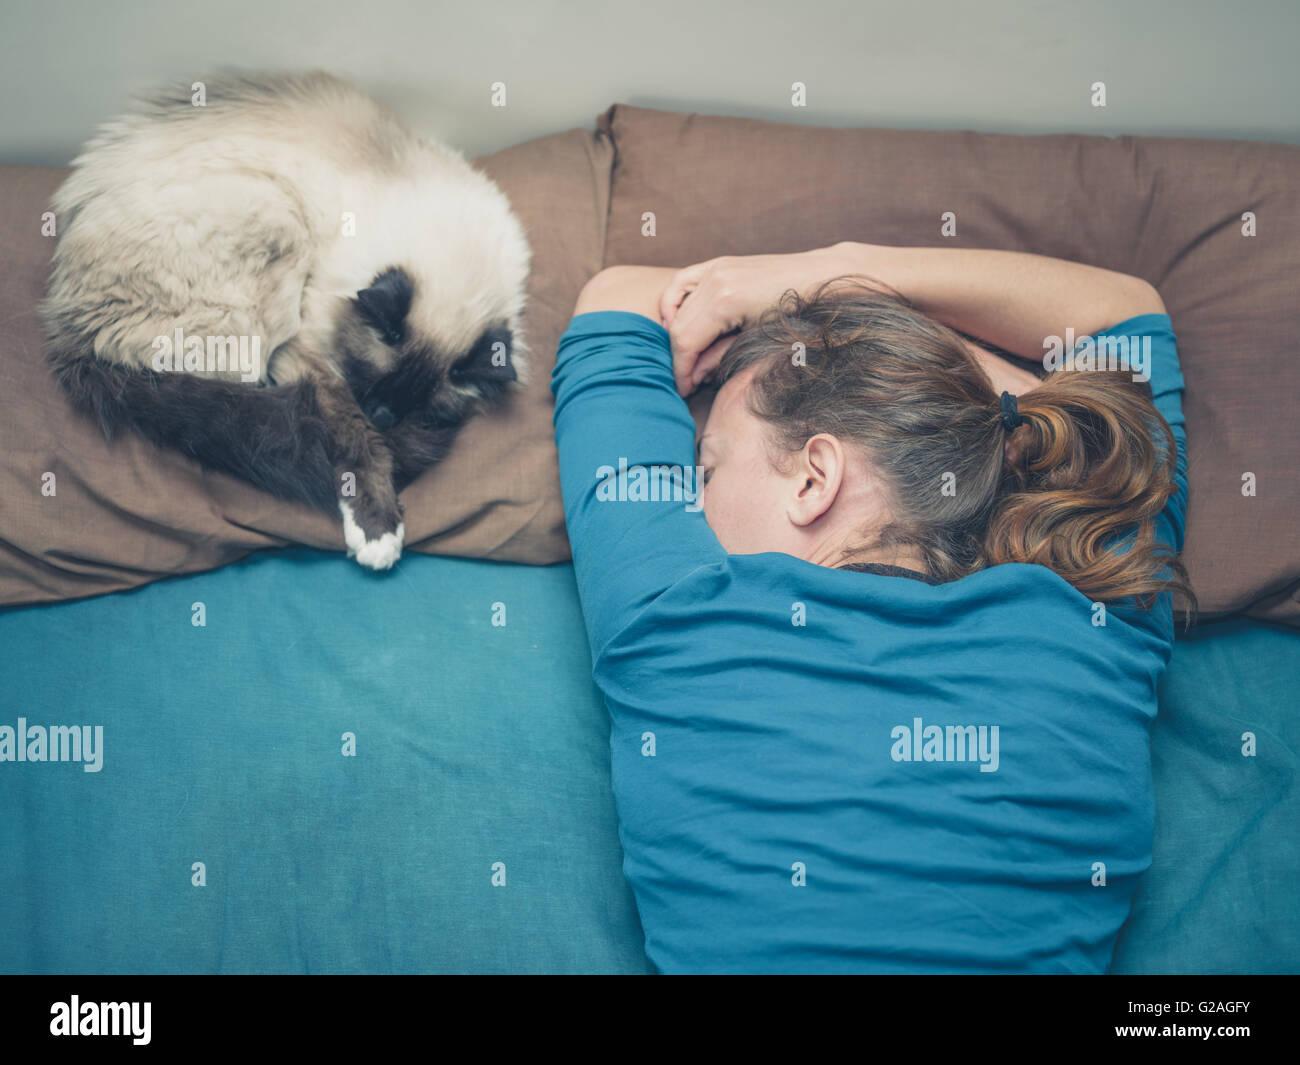 Une jeune femme est en train de dormir dans un lit avec un chat à côté d'elle Photo Stock